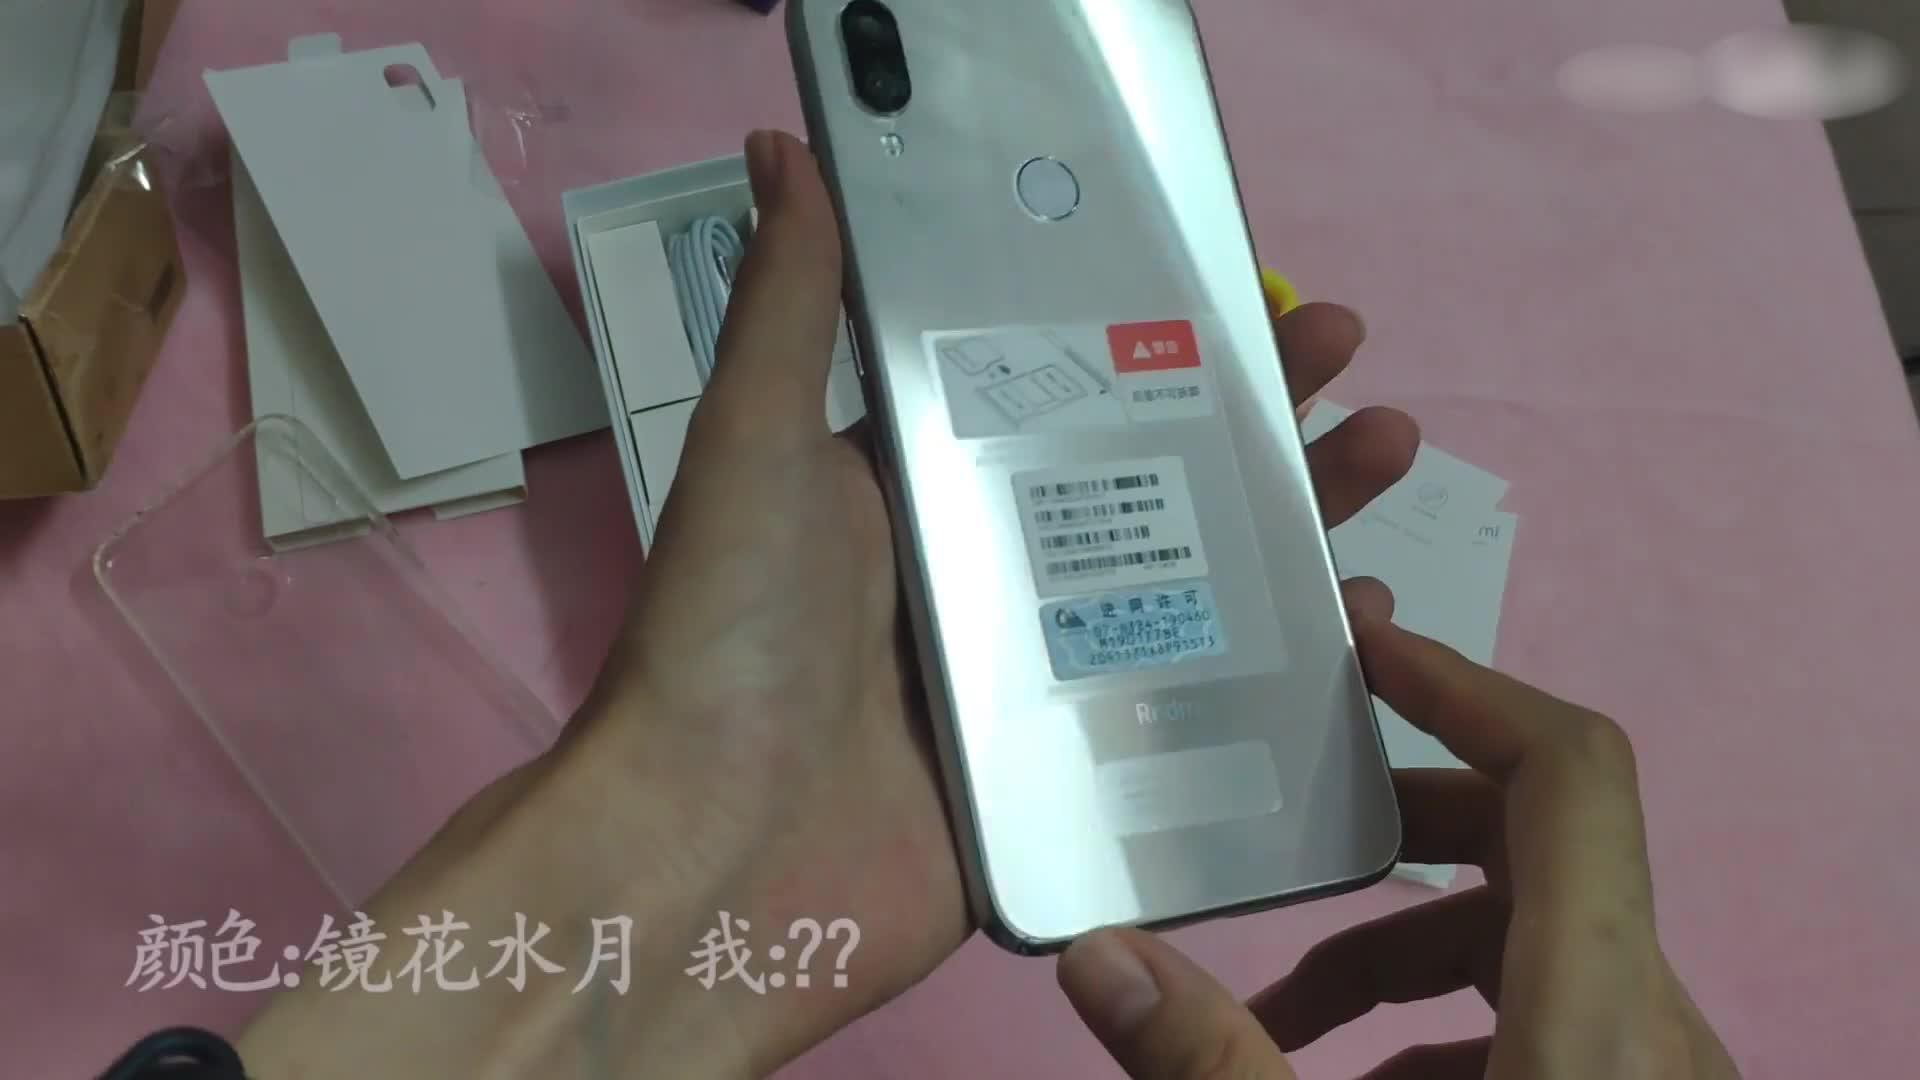 1399元的红米Note7P开箱 上手的那一瞬间 这才是合格的备用机